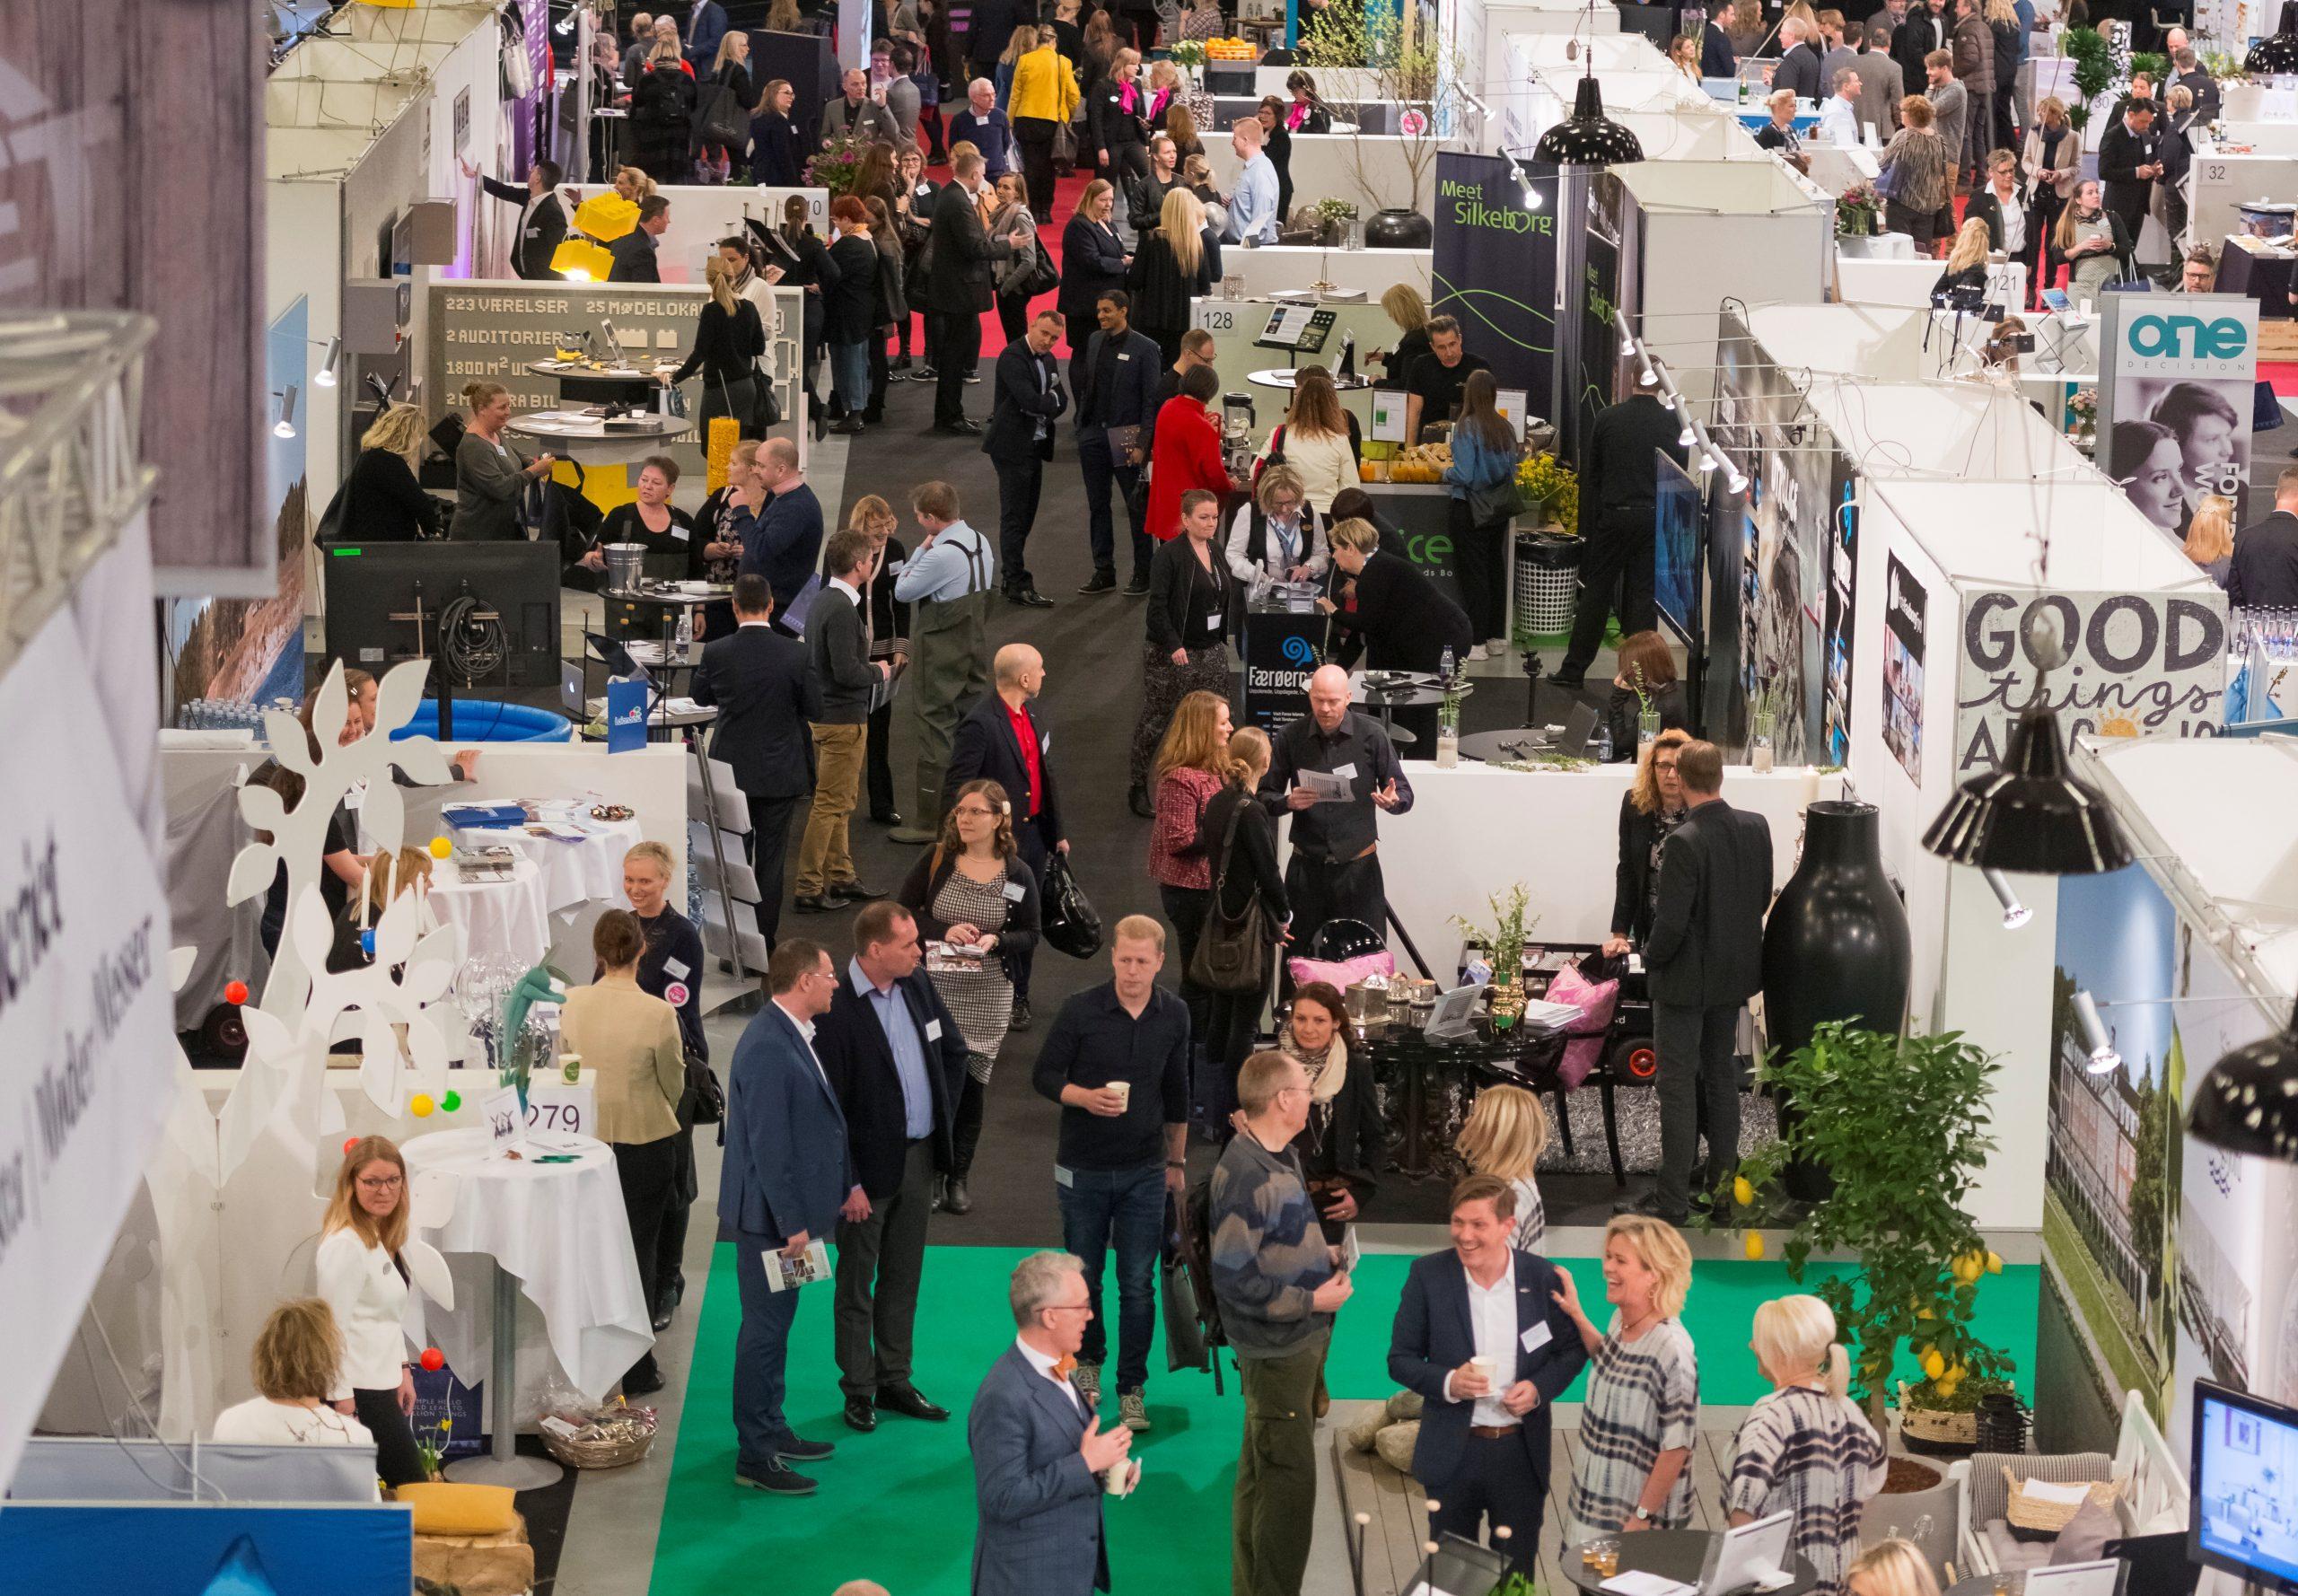 I bedste fald kommer møde- og eventbranchen i gang igen til efteråret, forventer flertal i ny undersøgelse fra Kursuslex, der blandt andet også har sit store årlige Nordic Meetings & Events Expo i København. Arkivfoto fra Kursuslex.